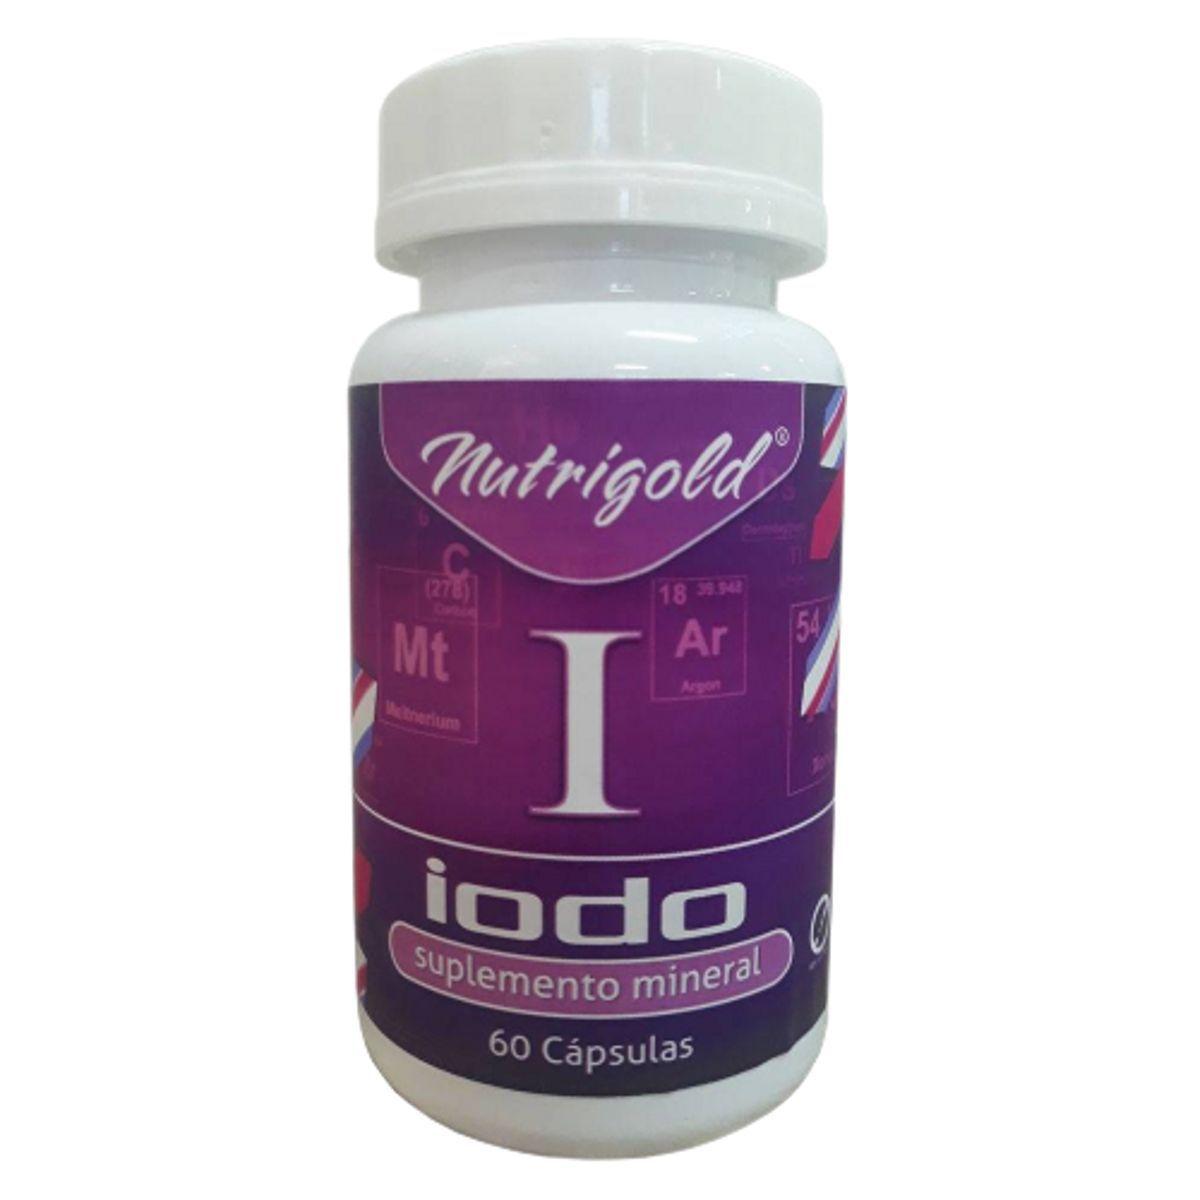 8 x Iodo inorgânico - Lugol em Cápsulas 60 Caps 650 mg